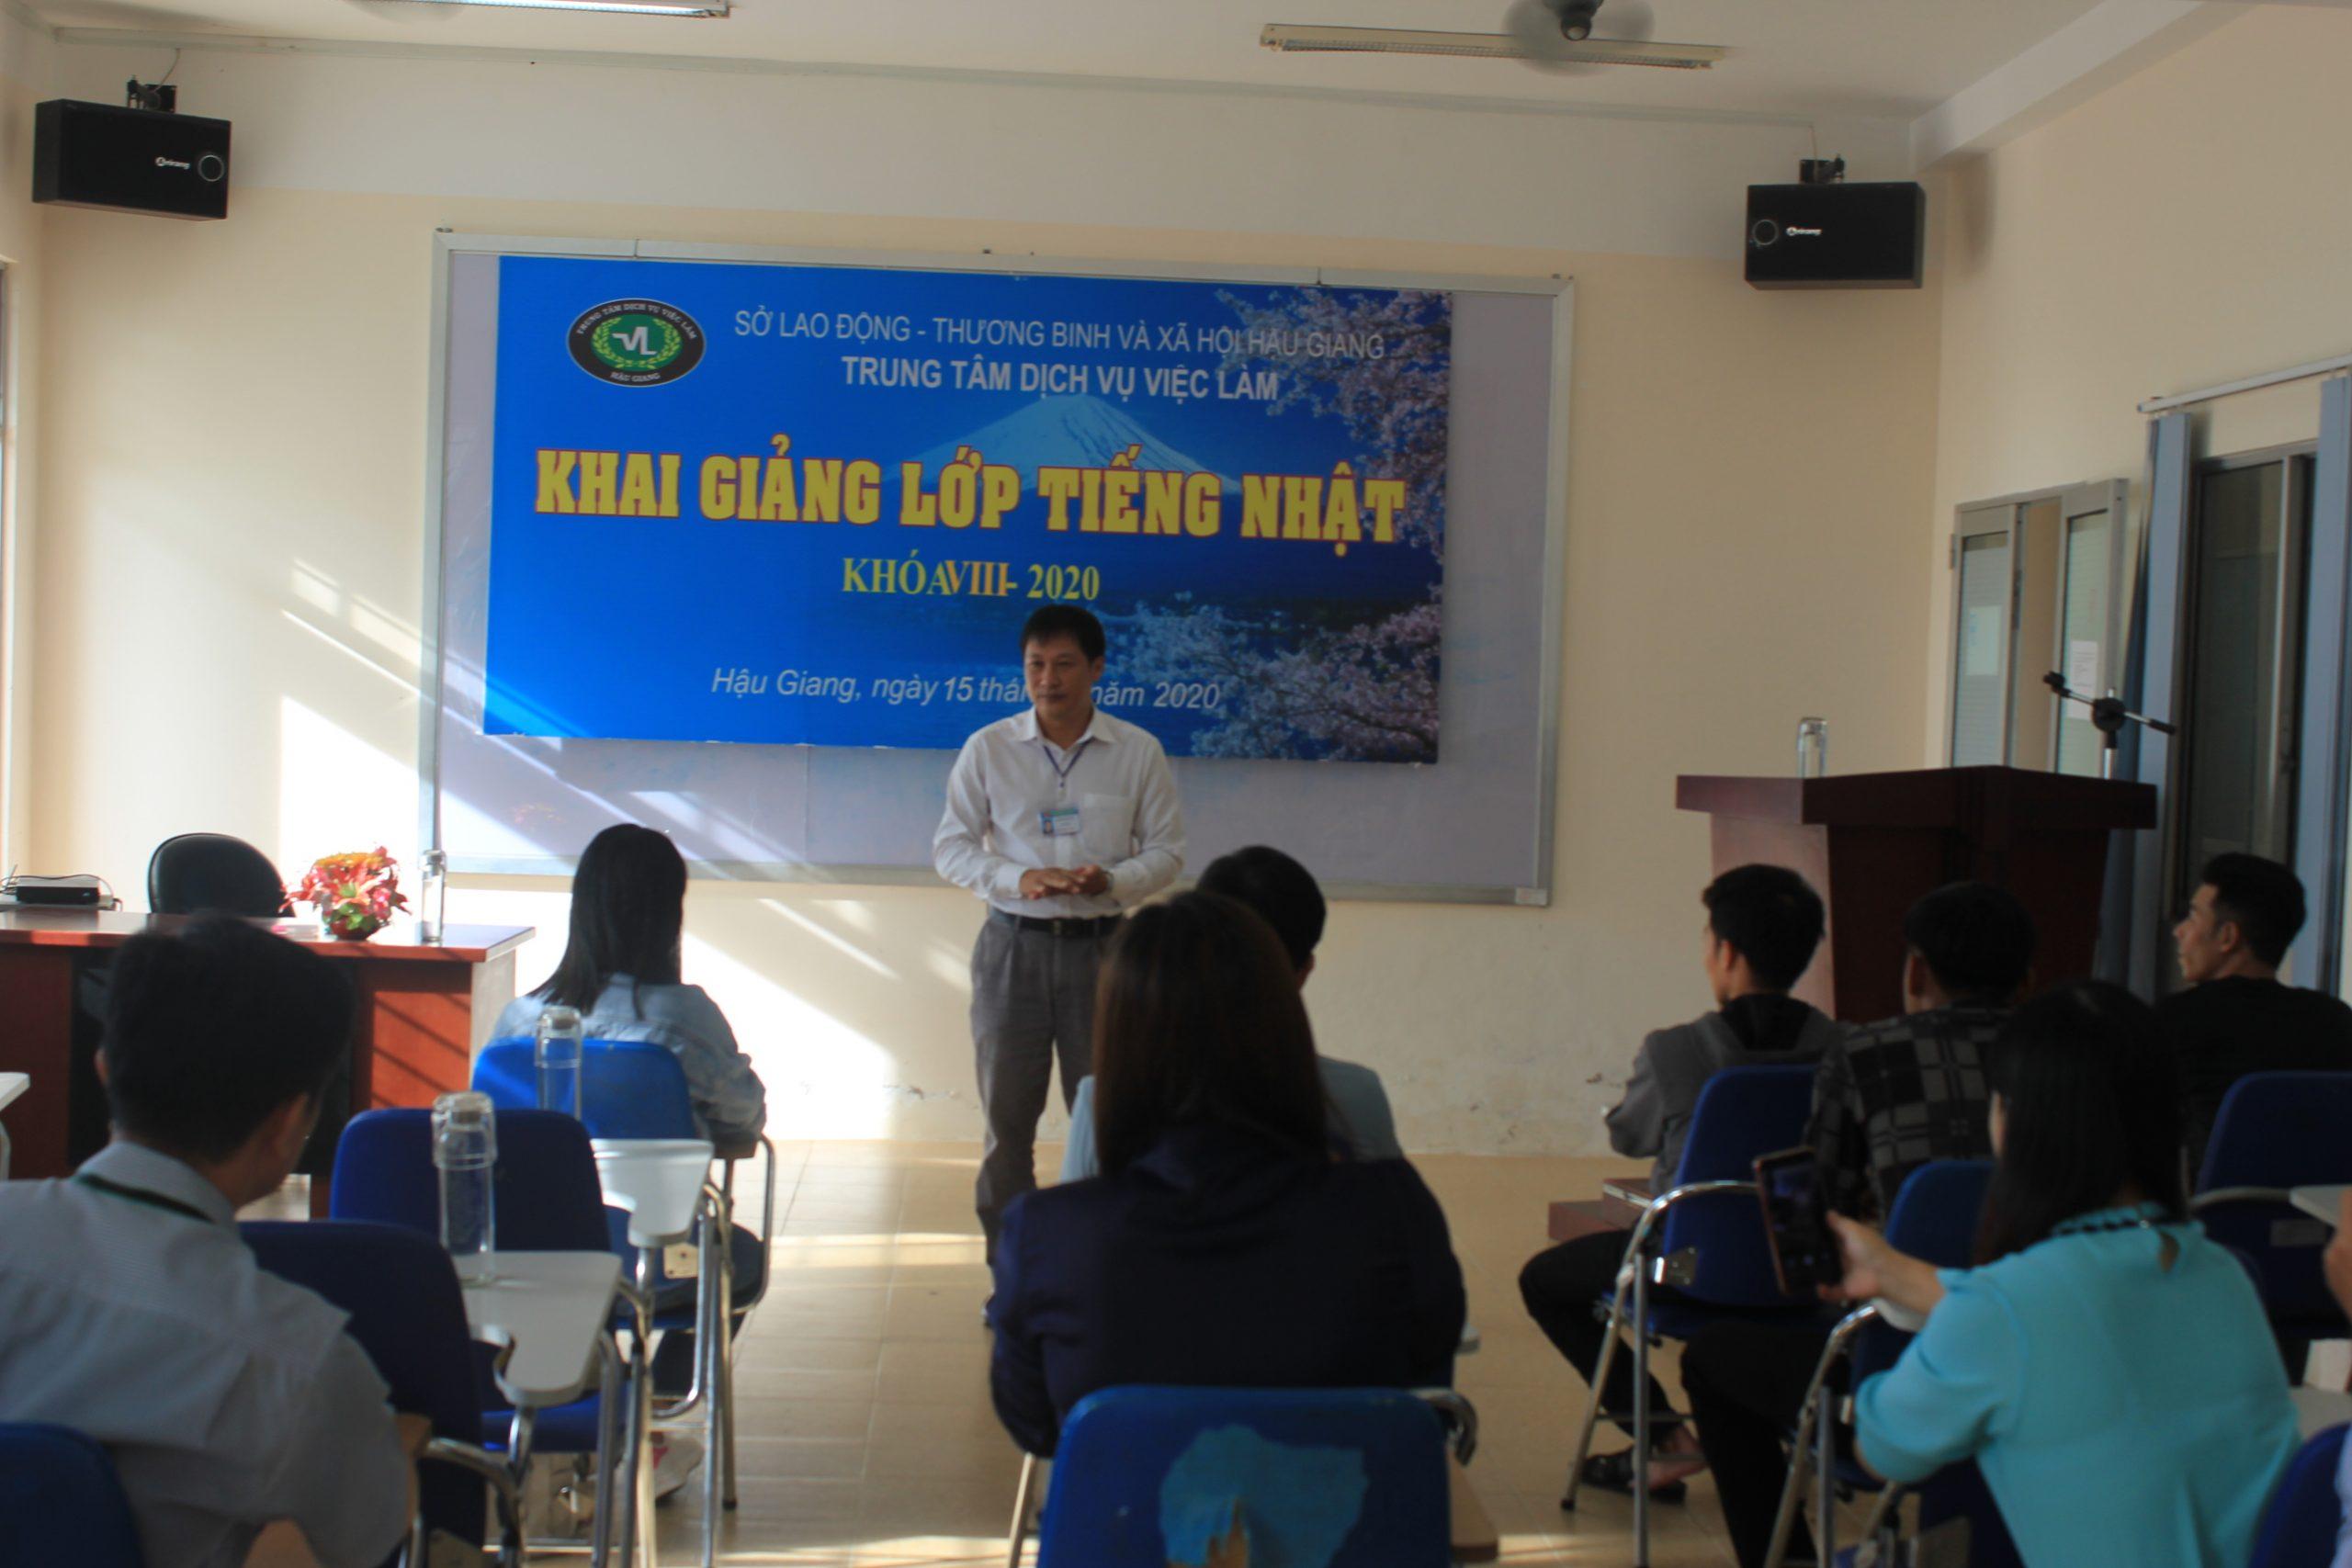 Trung tâm Dịch vụ việc làm khai giảng lớp tiếng Nhật khóa VIII